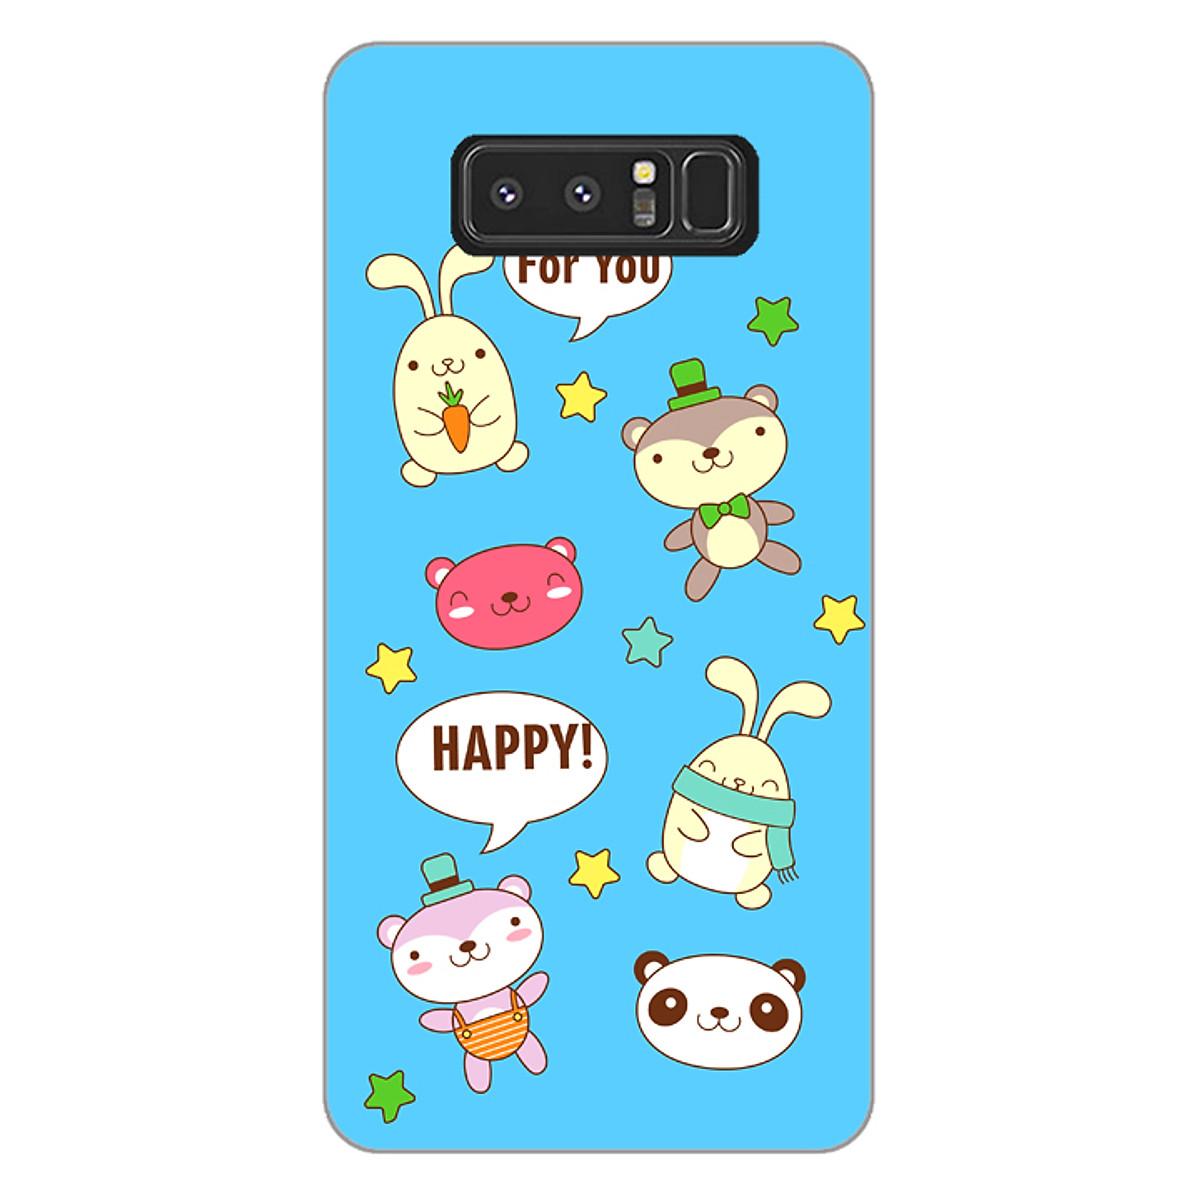 Ốp lưng dẻo cho điện thoại Samsung Galaxy Note 8 _0514 HAPPY02 - Hàng Chính Hãng